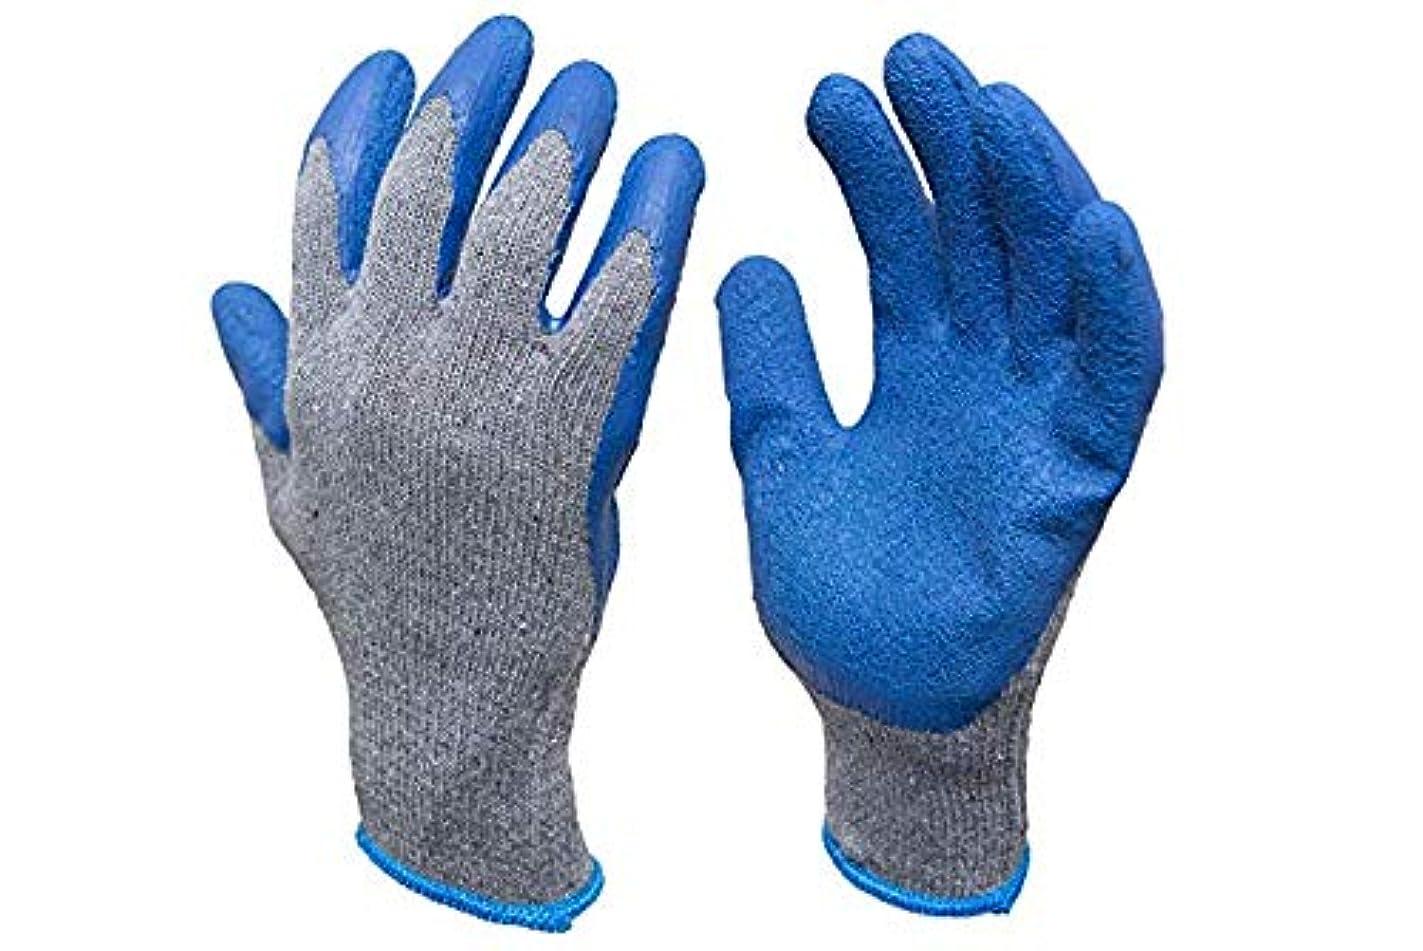 に変な到着ニット作業建設のためにコーティングされた手袋、テクスチャゴムラテックス、12ペア、男子大